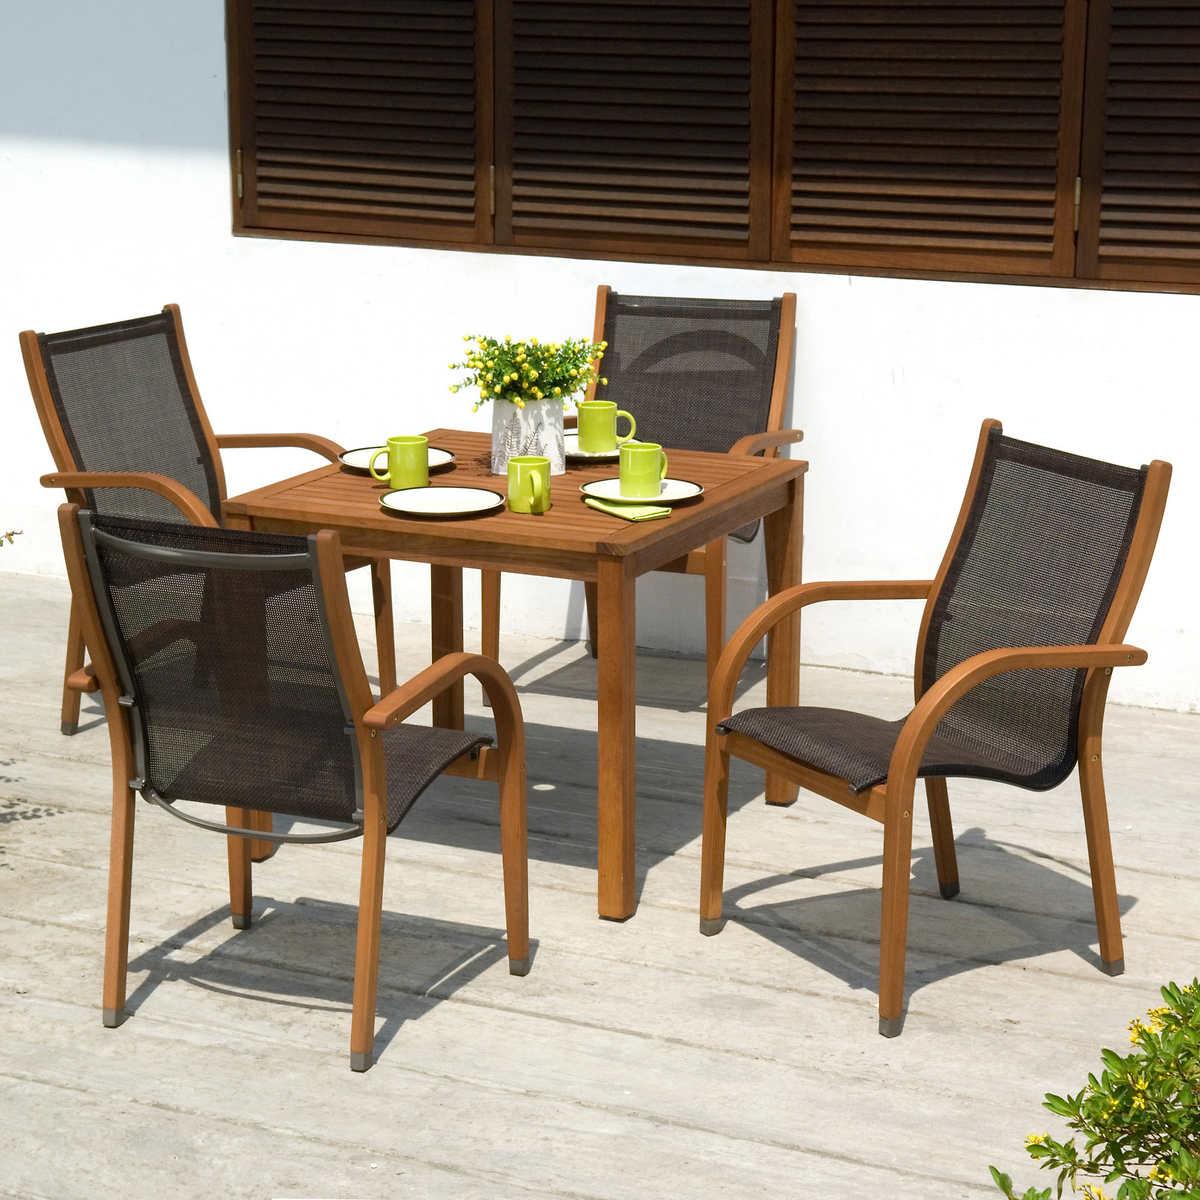 Bramley 5 Piece Eucalyptus Dining Set